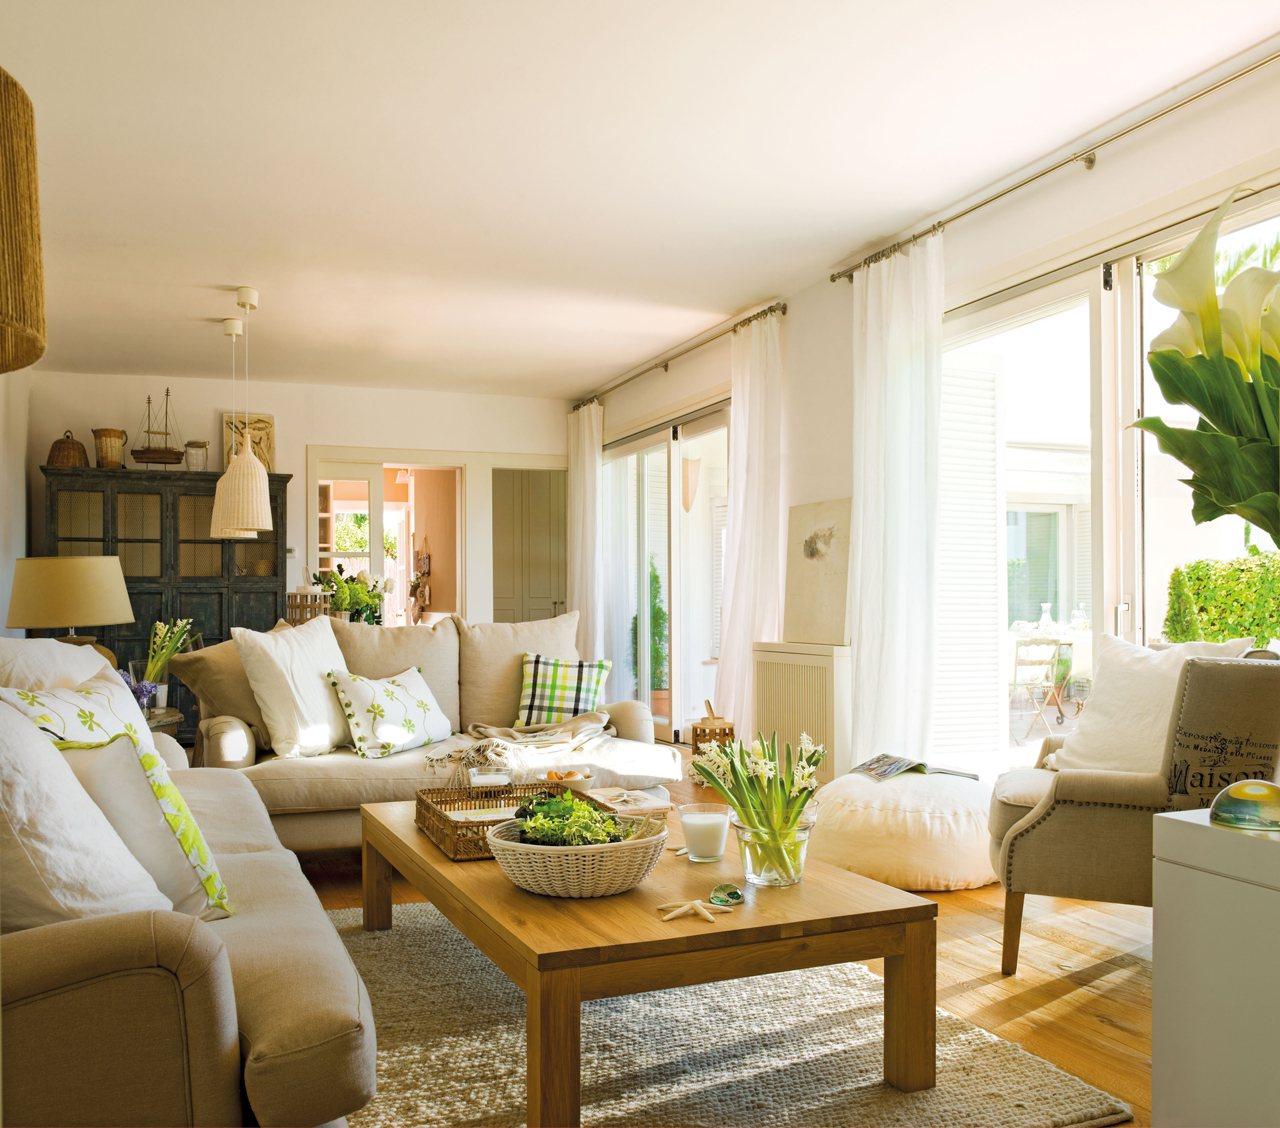 Una Casa Tranquila Luminosa Y Con Jard N A Las Afueras De Barcelona # Muebles De Casa Barcelona